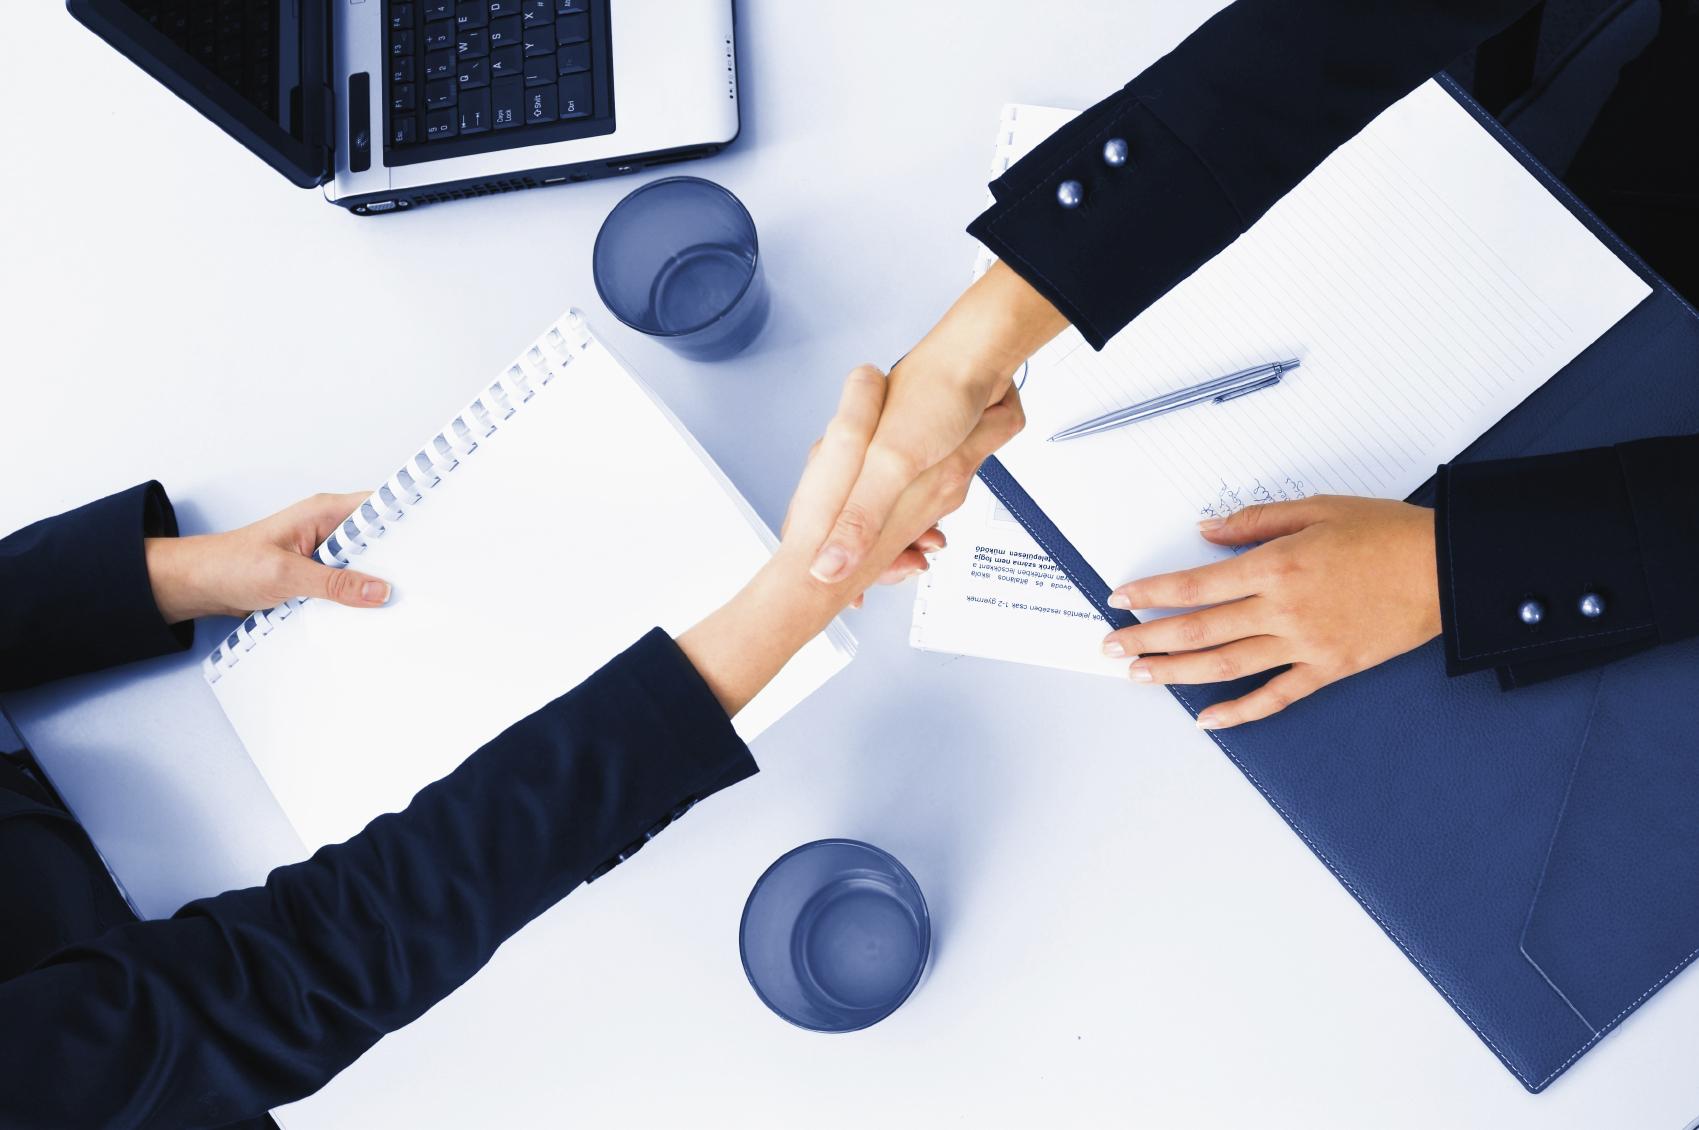 Estrechar la mano, hacer negocios